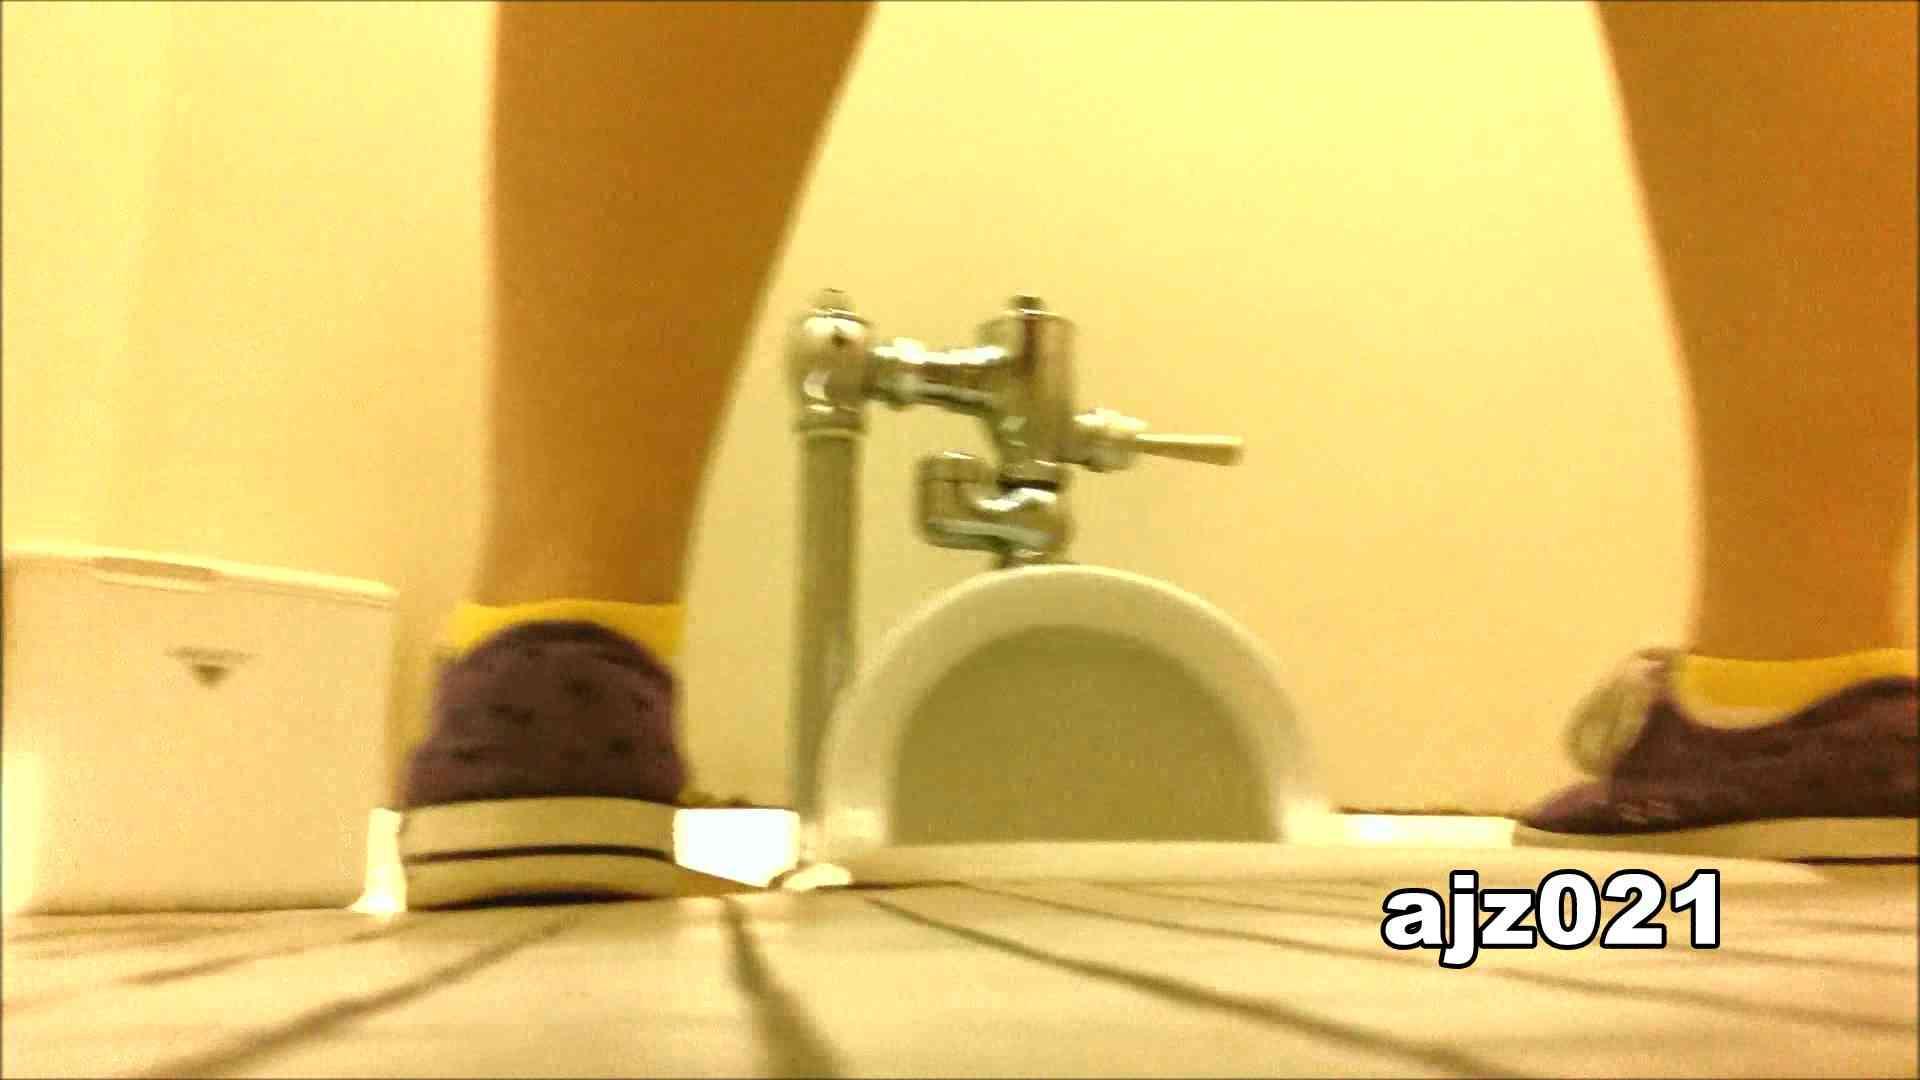 某有名大学女性洗面所 vol.21 排泄 すけべAV動画紹介 100画像 63